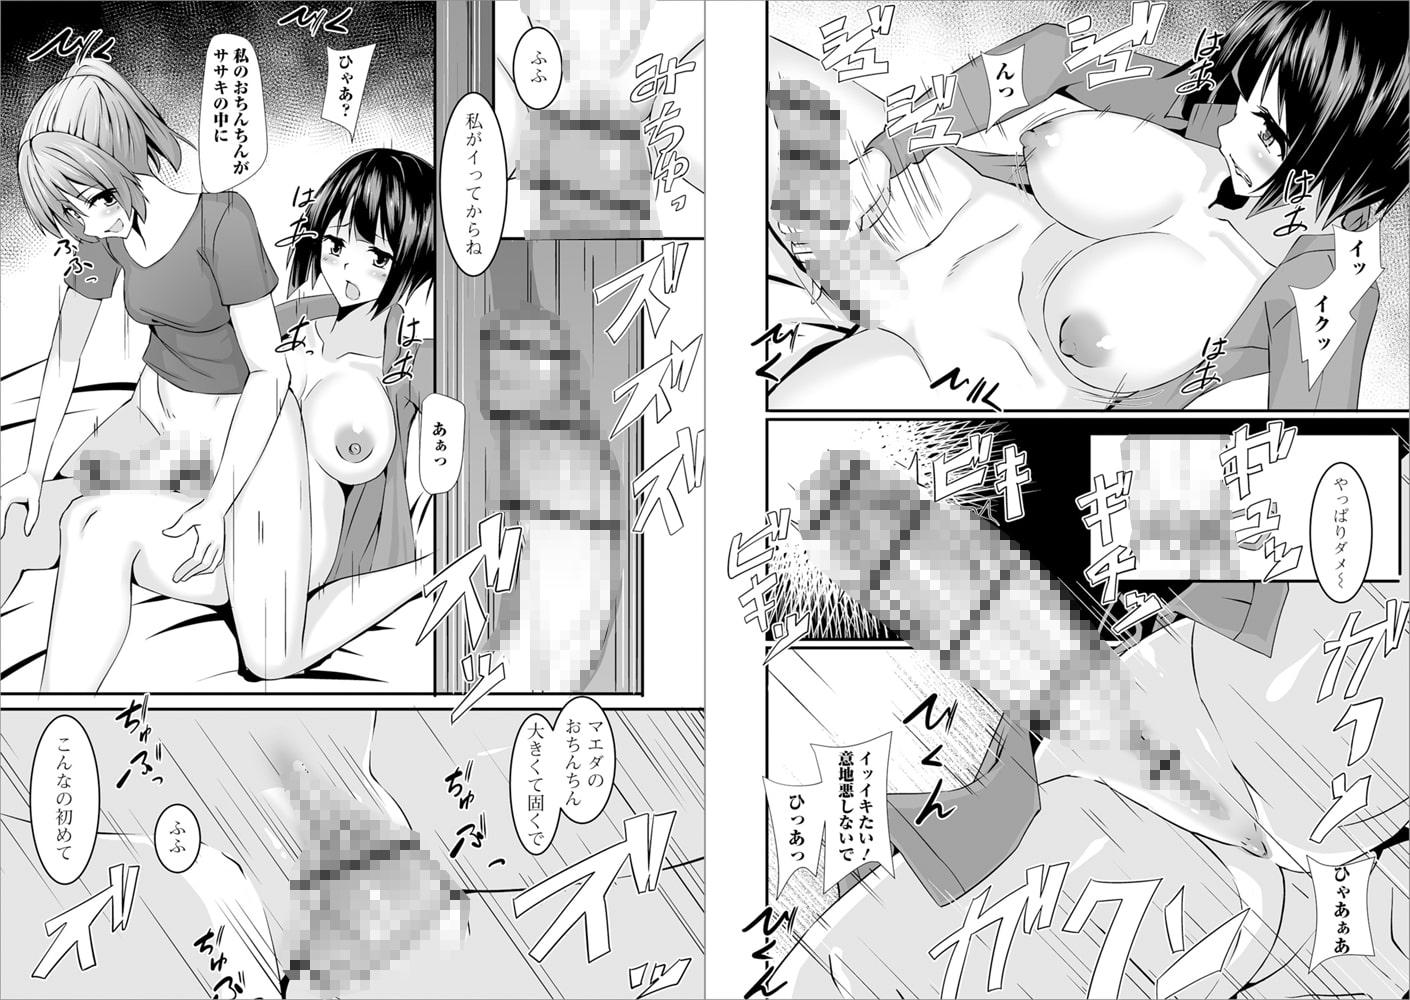 ふたなりフレンズ! Vol.04